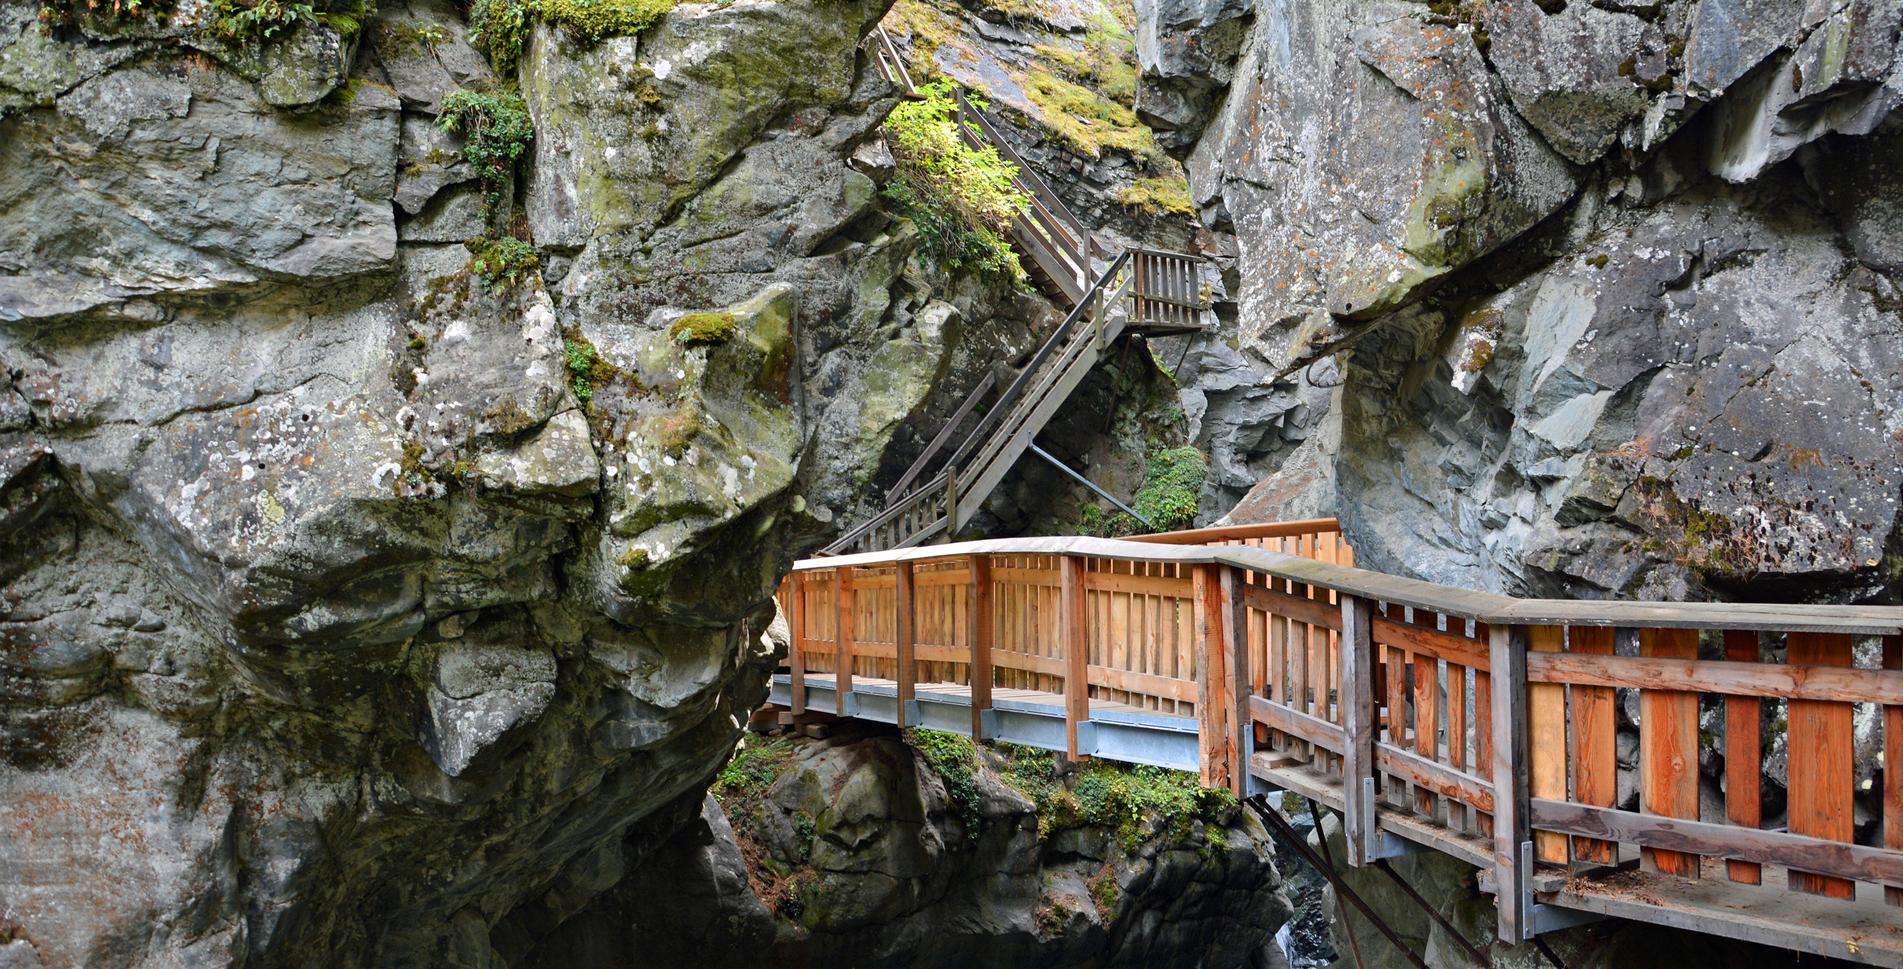 Wanderung von Zermatt hinab zur Gornera und zur Gornerschlucht, Furi, Hängebrücke und zum Gletschergarten Dossen am Rand des Gornergletscher